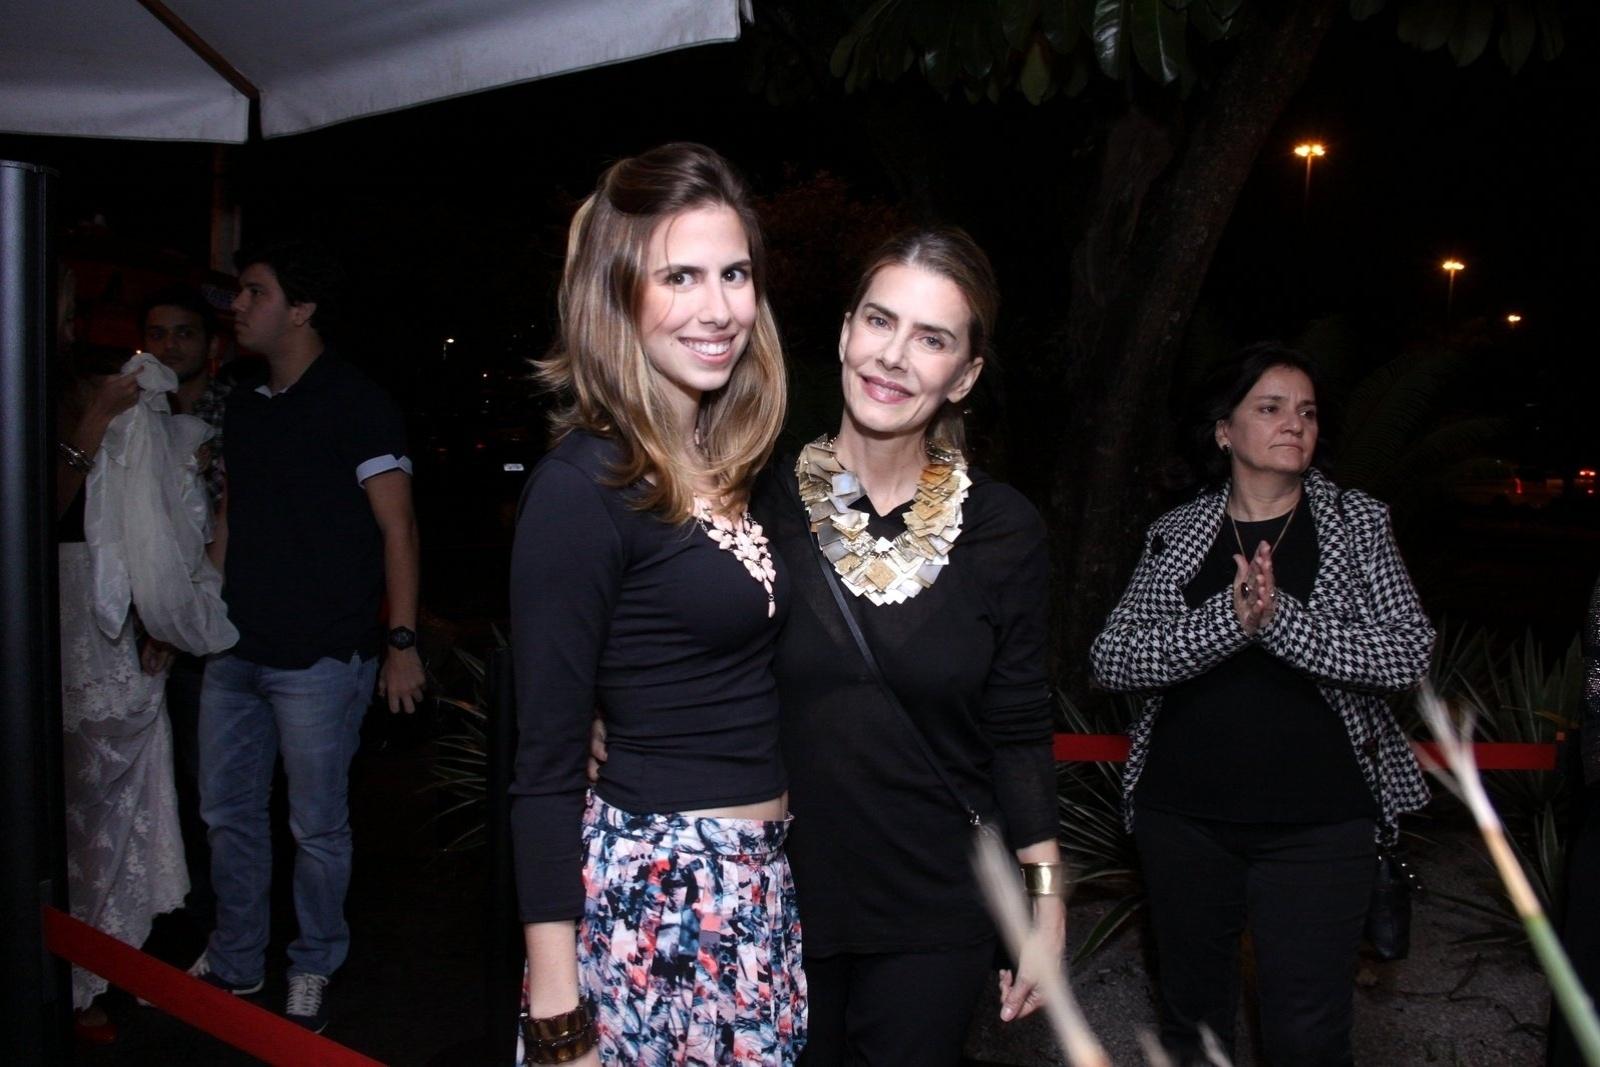 27.ago.2013 - Maitê Proença com sua filha Maria na festa de um ano do canal de humor Porta dos Fundos, em boate na Lagoa, Rio de Janeiro